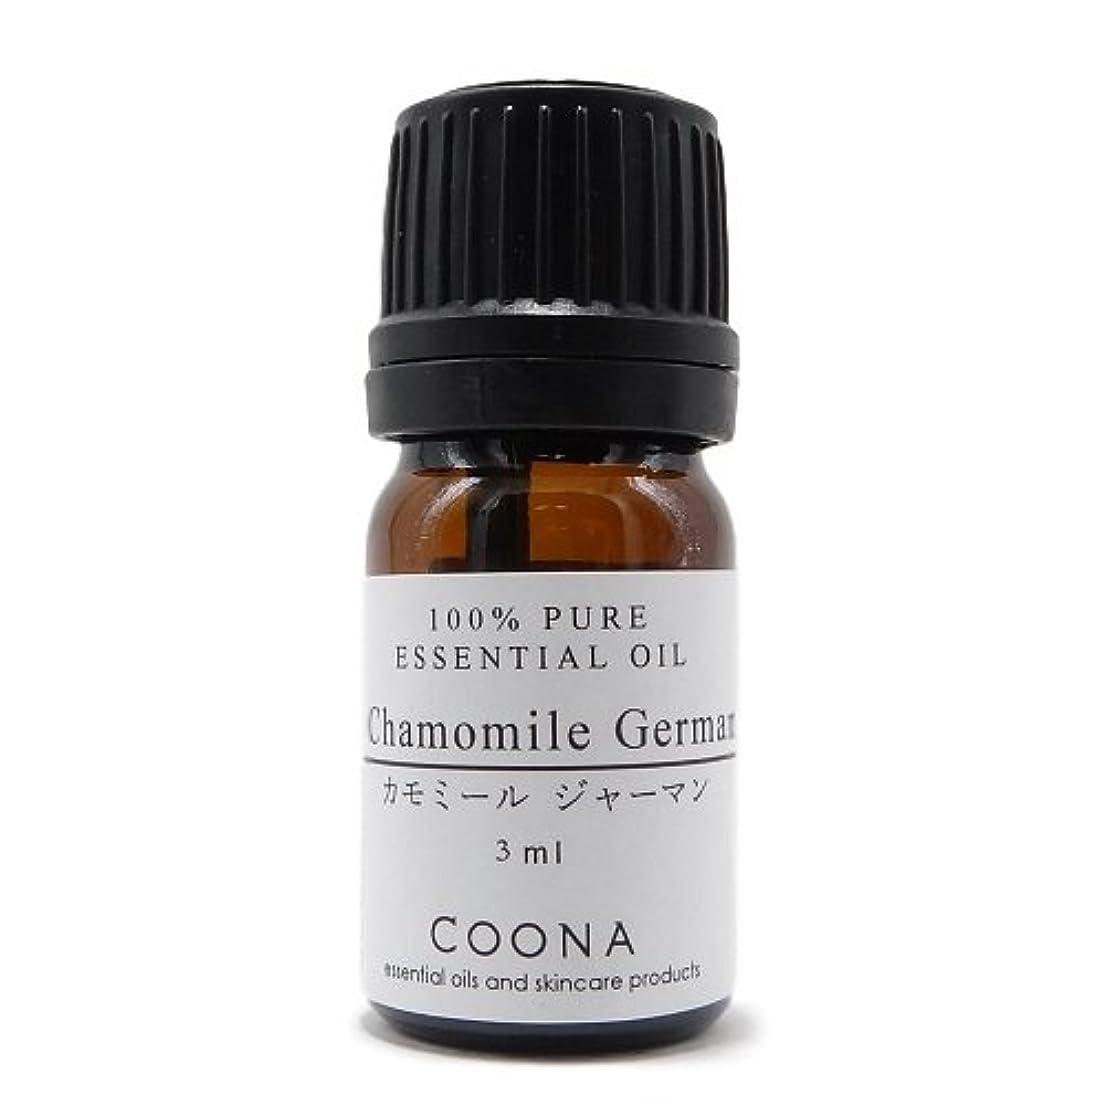 ものの噂カモミール ジャーマン 3 ml (COONA エッセンシャルオイル アロマオイル 100% 天然植物精油)